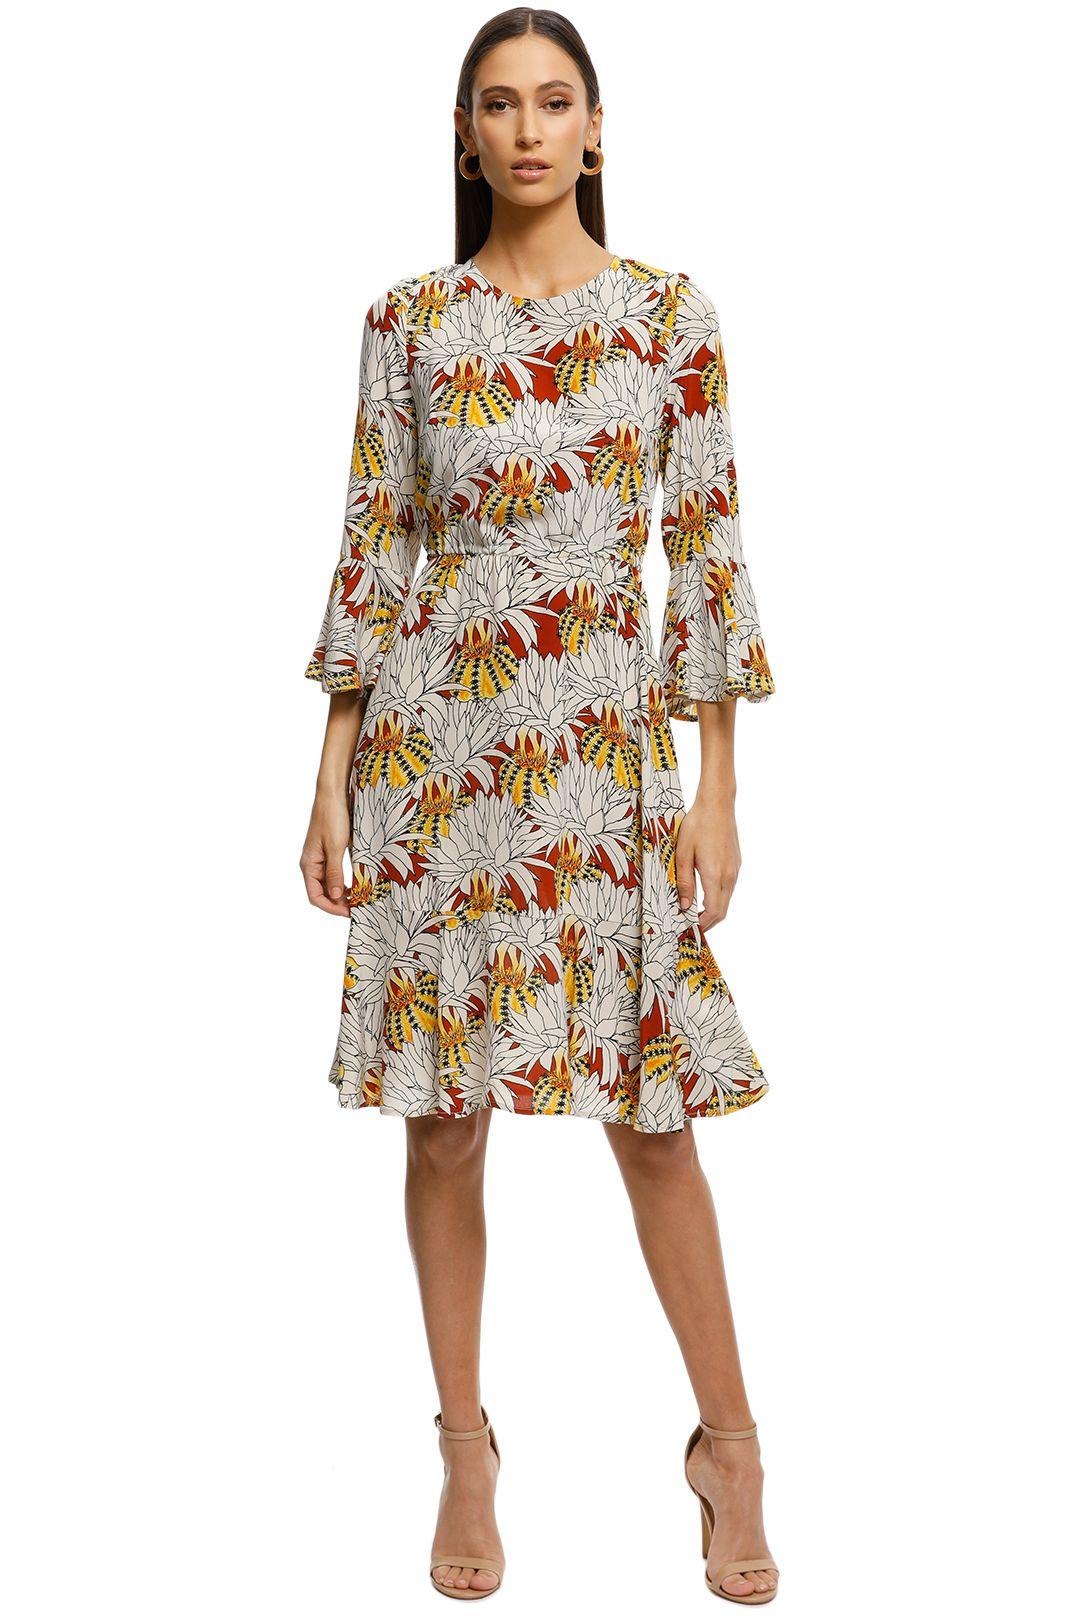 Gorman - Pumpkin Flower Silk Dress - Print - Front